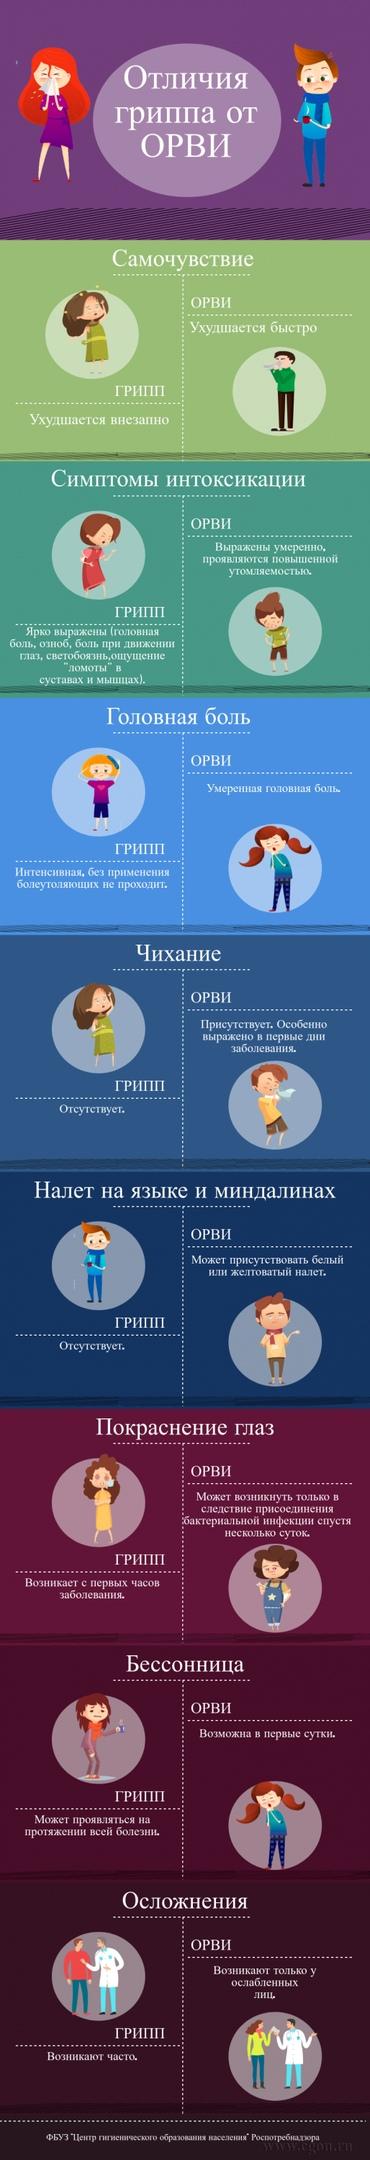 Материалы по профилактике гриппа и необходимости вакцинации. #нашеподмосковье